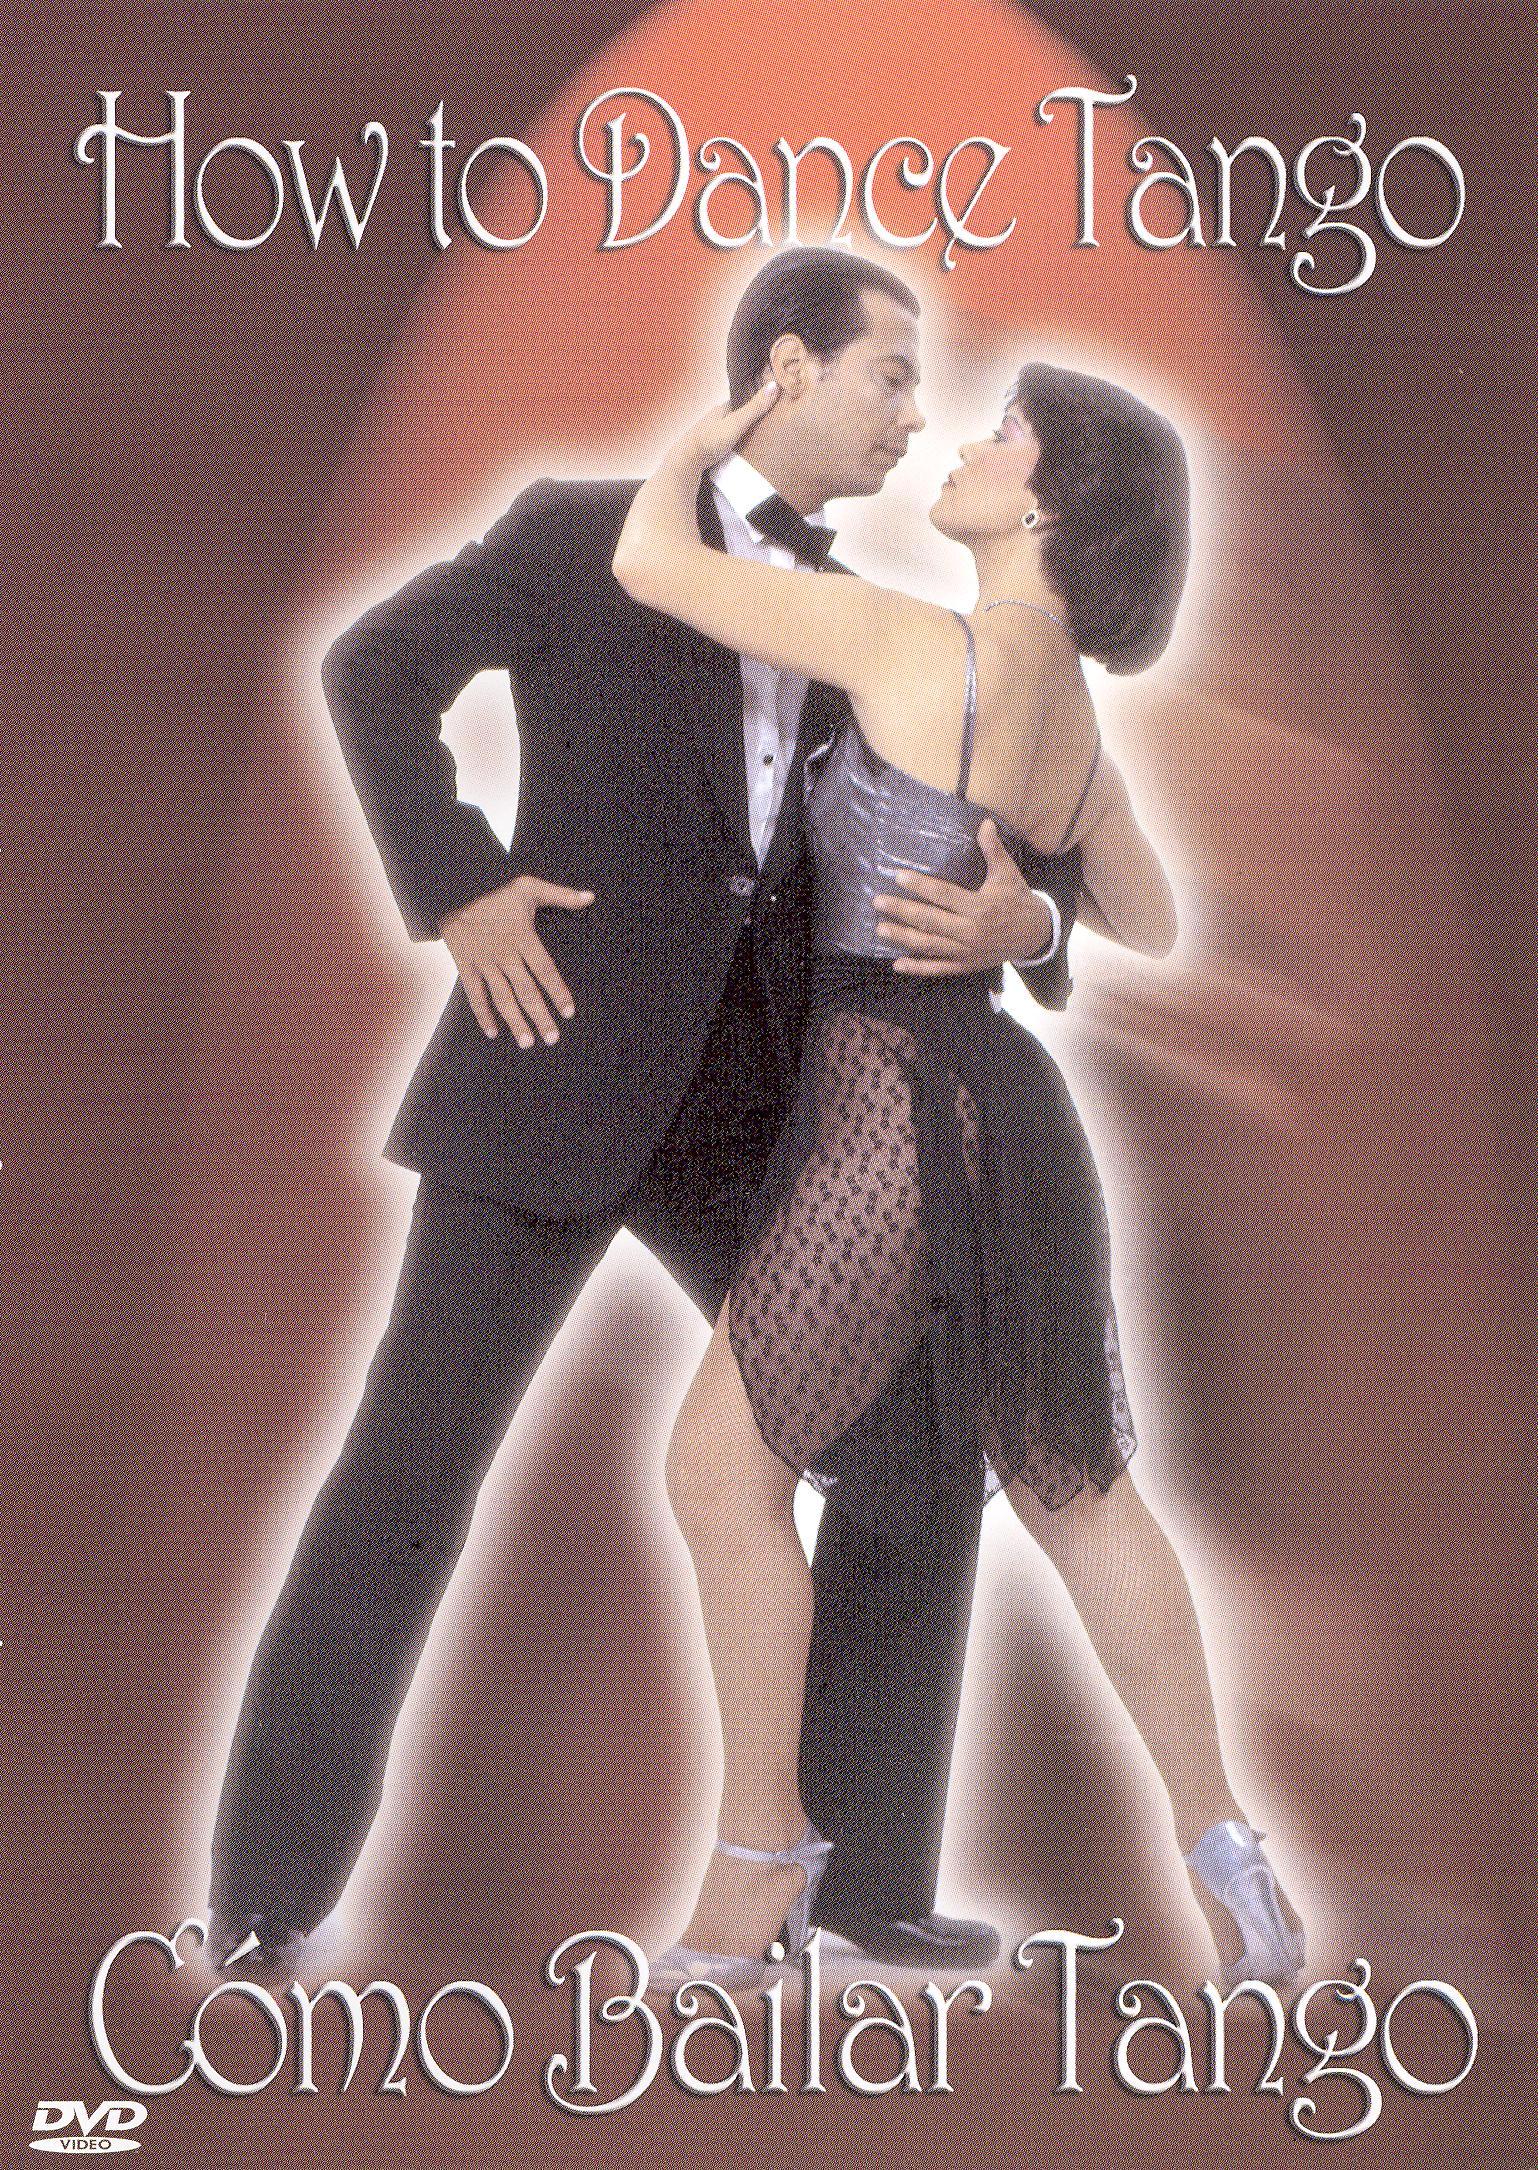 How to Dance Tango: Como Bailar Tango